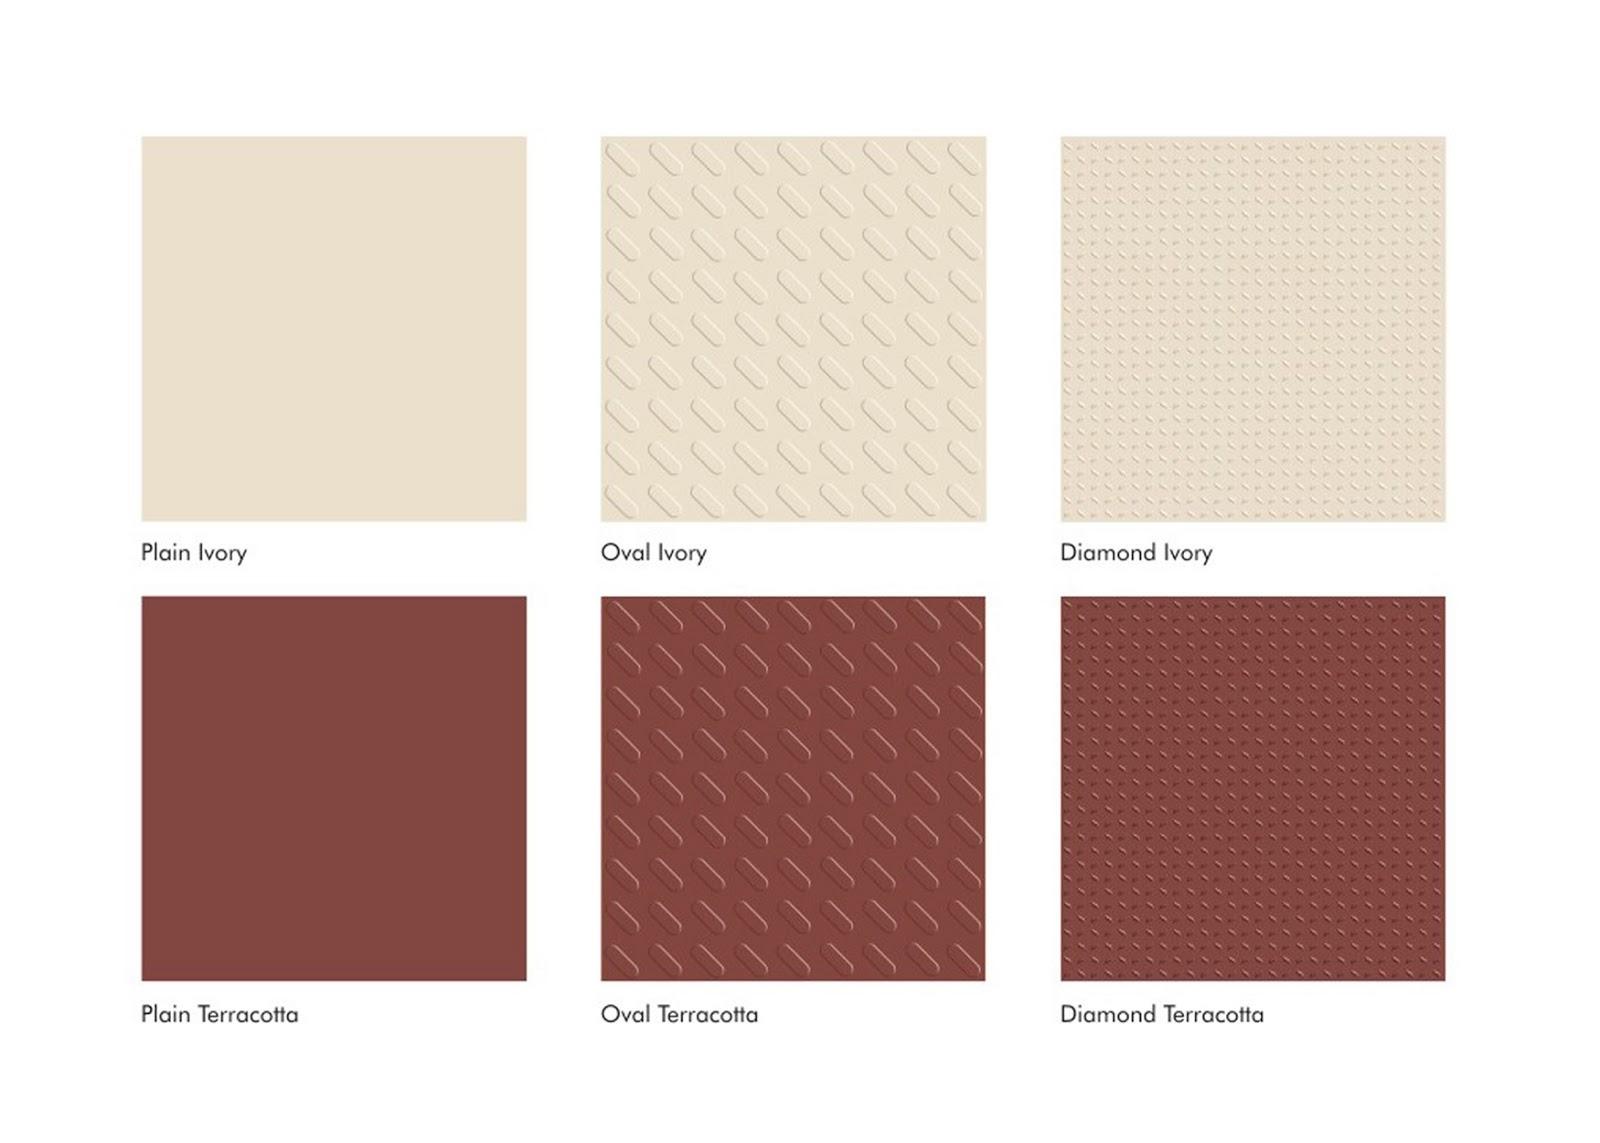 ... Tiles for car porch Parking tiles Designs in india | SASTA TILES